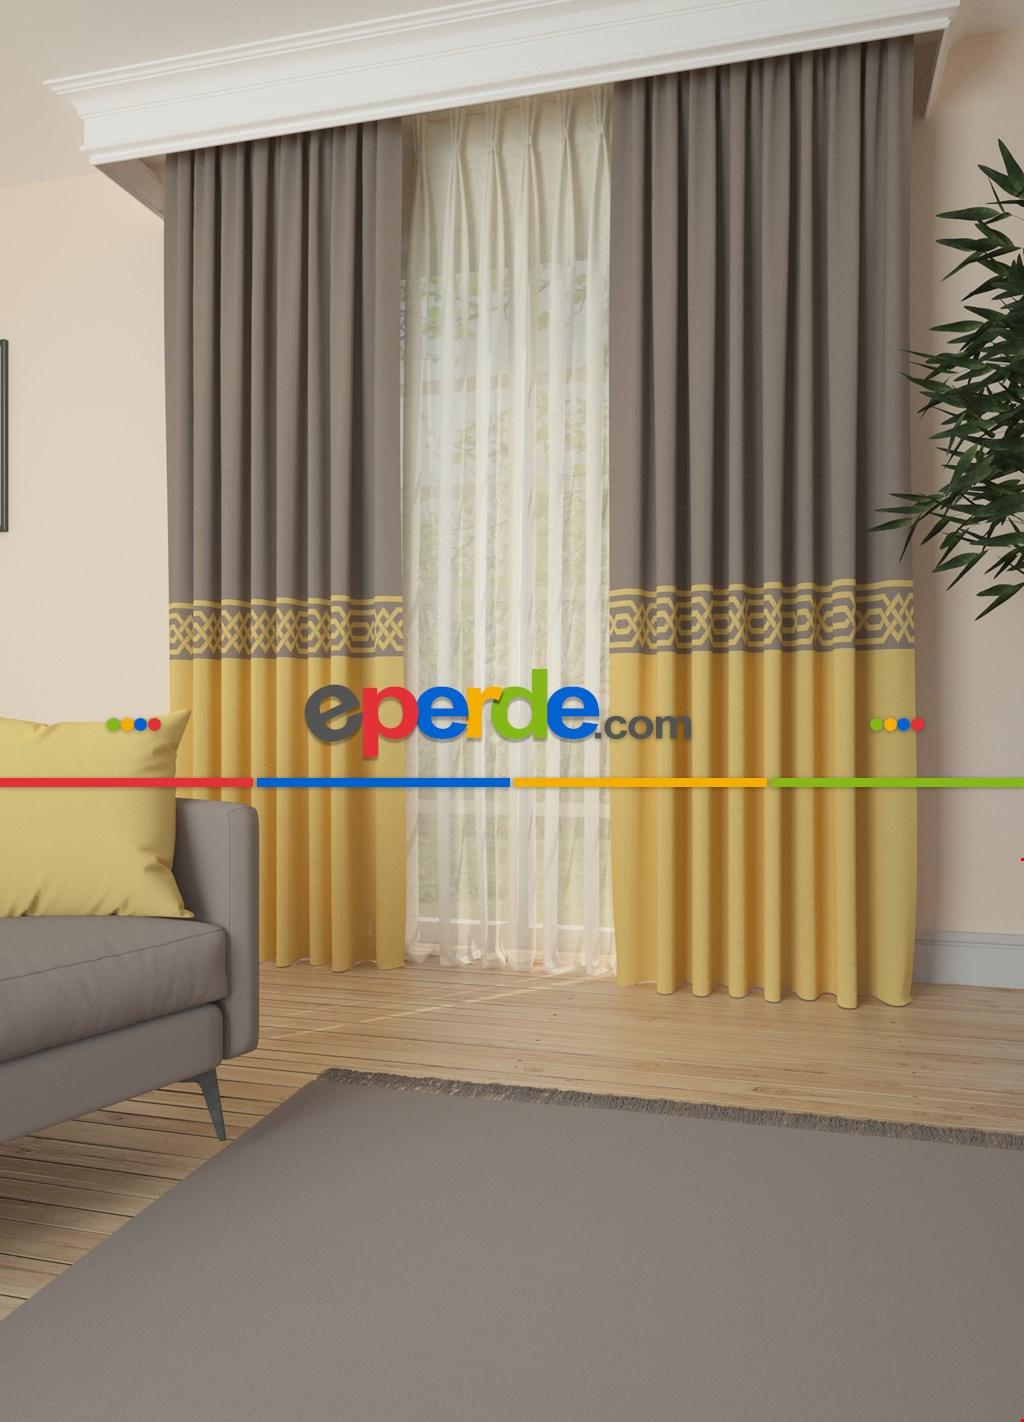 Blackout Kumaştan Açık Vizon Sarı Bordürlü Pano Fon Perde 1. Kalite - Salon - Yatak Odası - Oturma Odası